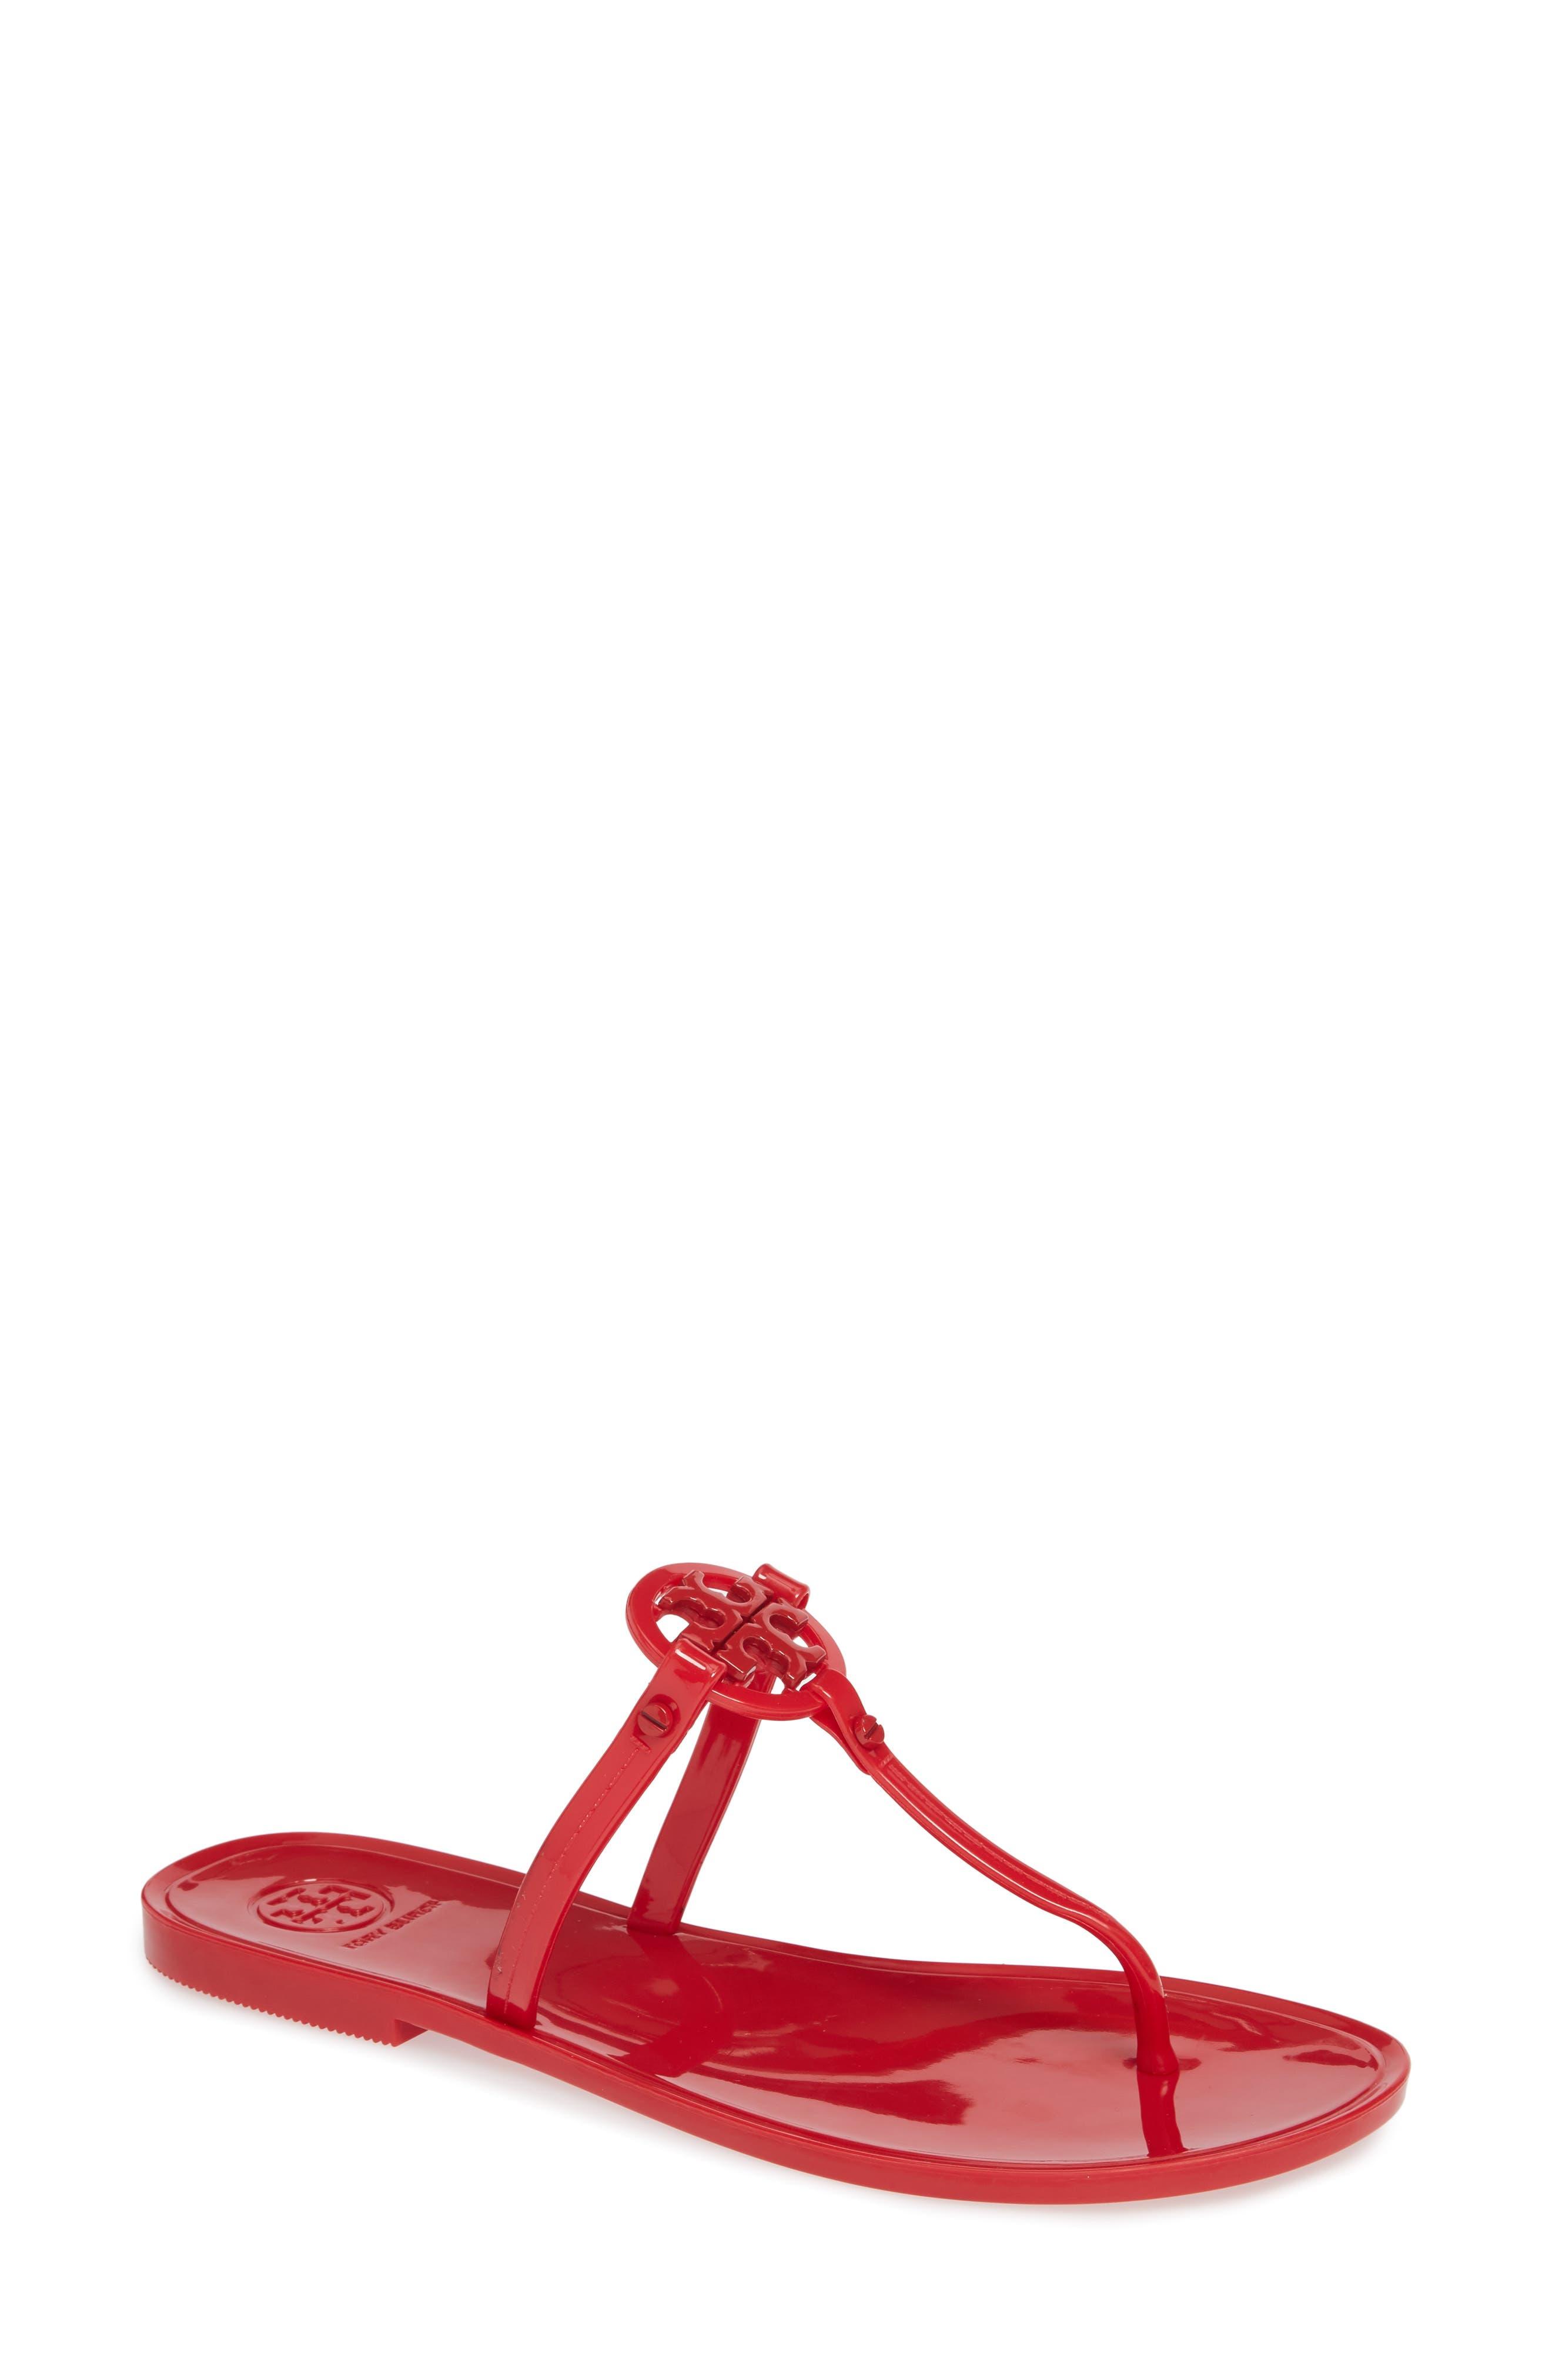 'Mini Miller' Flat Sandal,                             Main thumbnail 1, color,                             BRILLIANT RED